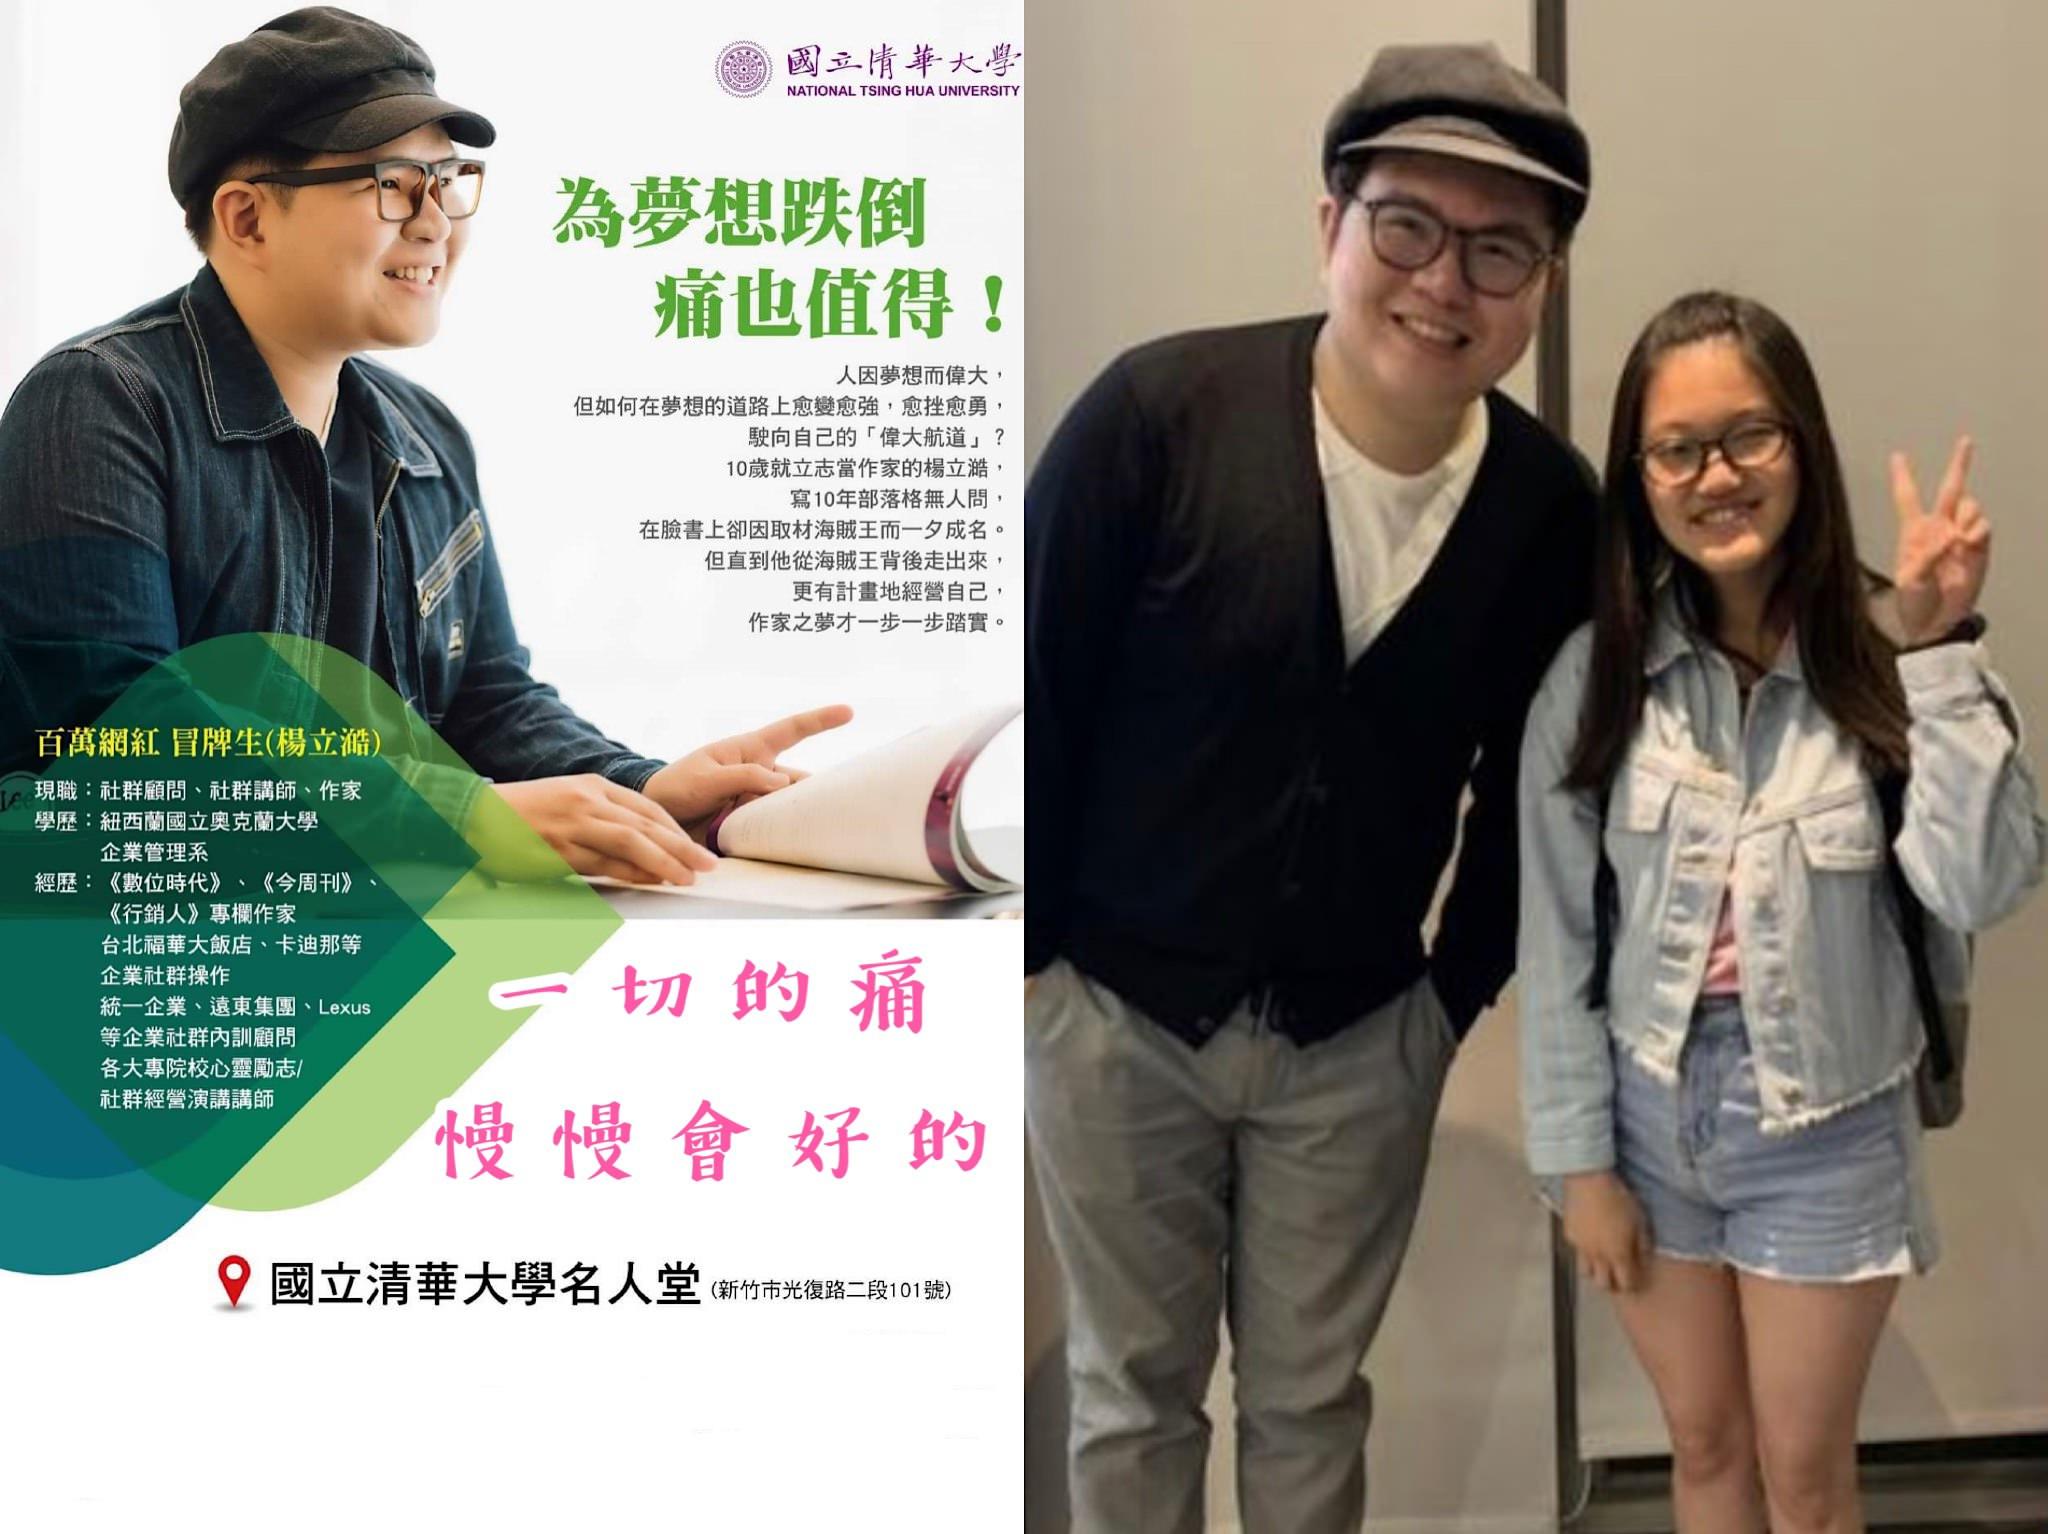 清華大學的演講紀錄,一次解開心結的旅程 @慢慢會好的